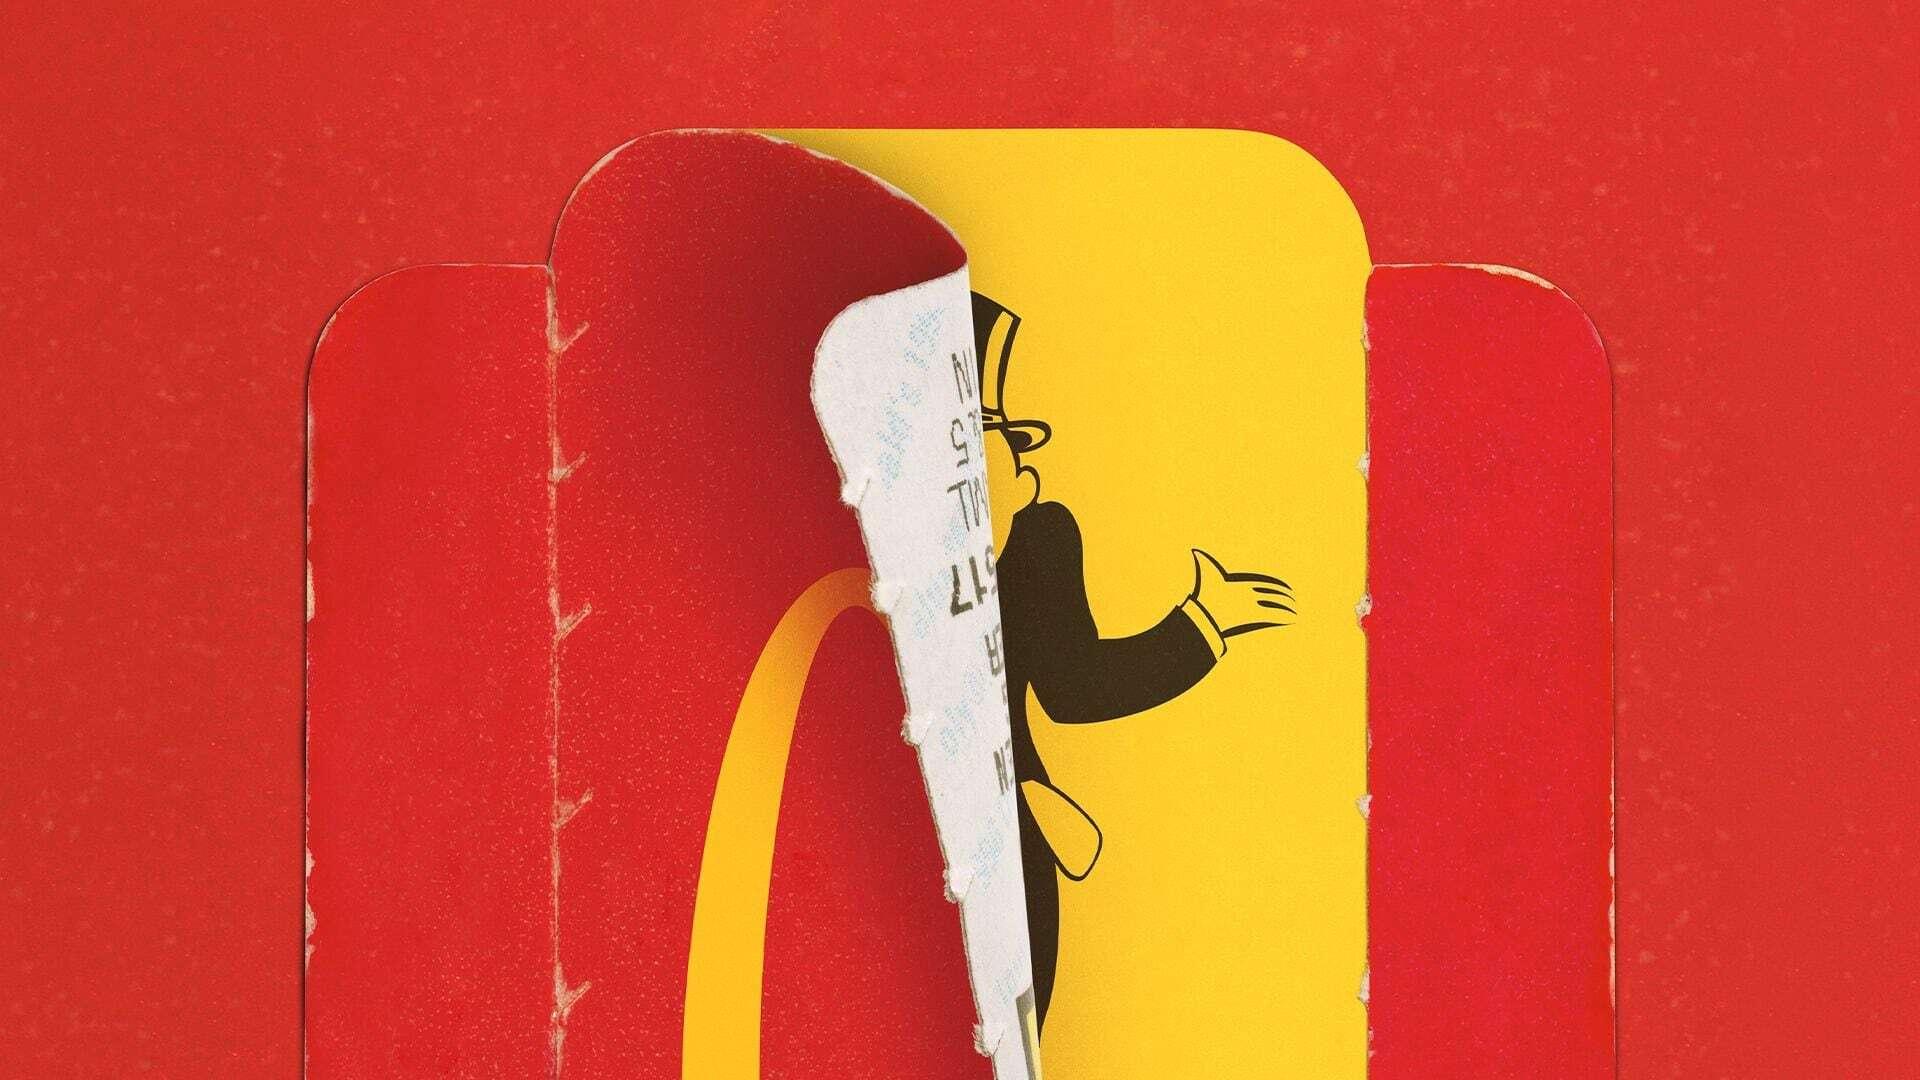 McMillions: cómo el Monopoly de McDonalds se convirtió en un fraude